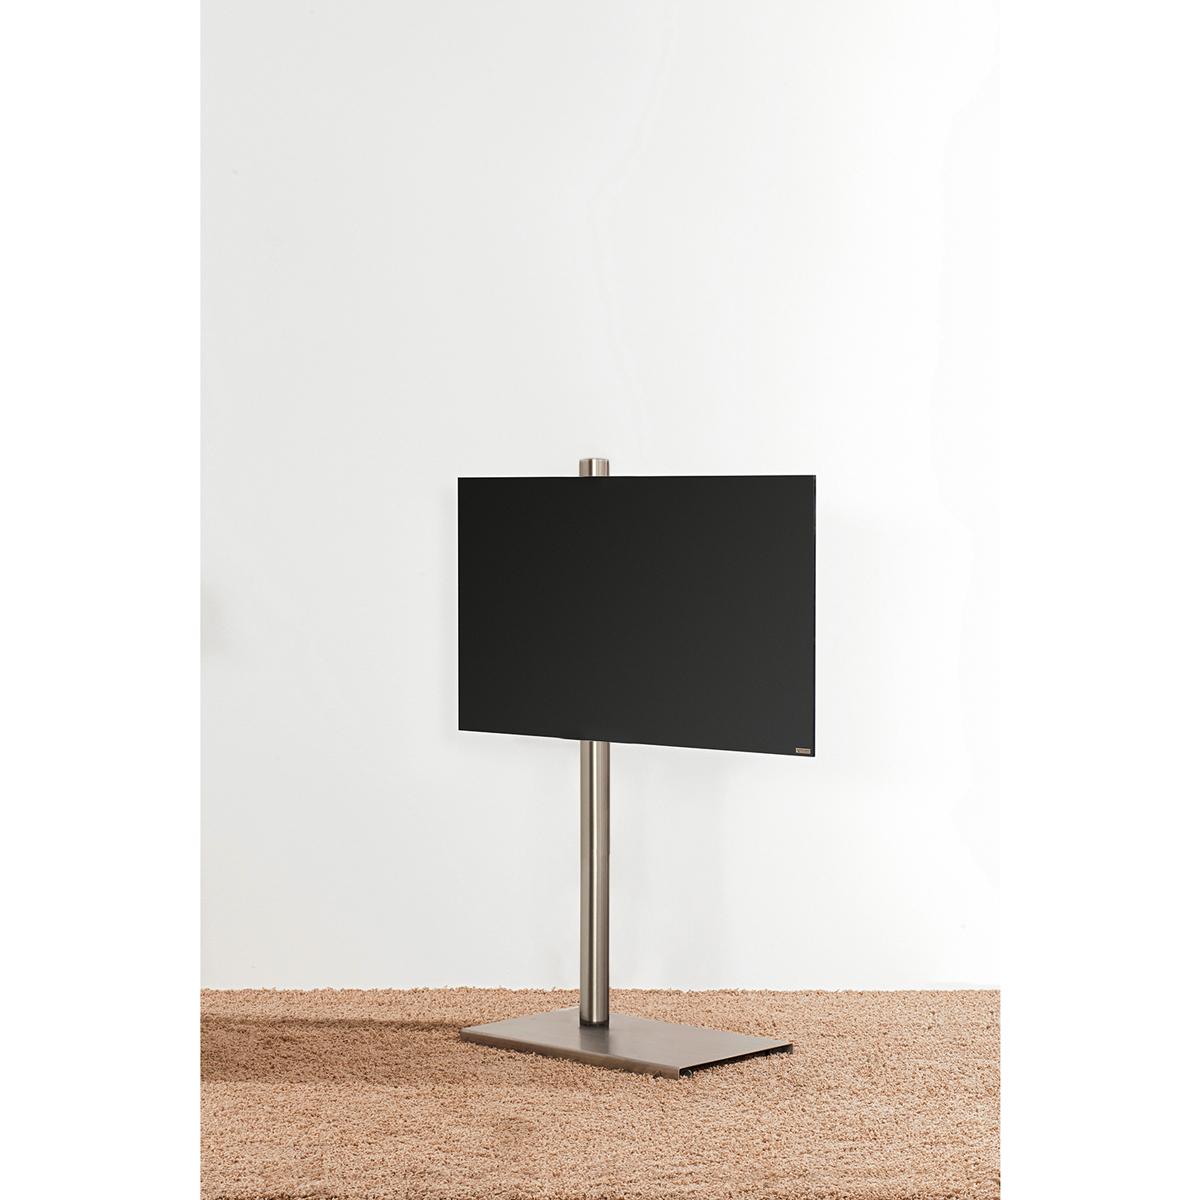 Column art 118-TV Ständer-rollbar-schwenkbar-Wissmann-Raumobjekte